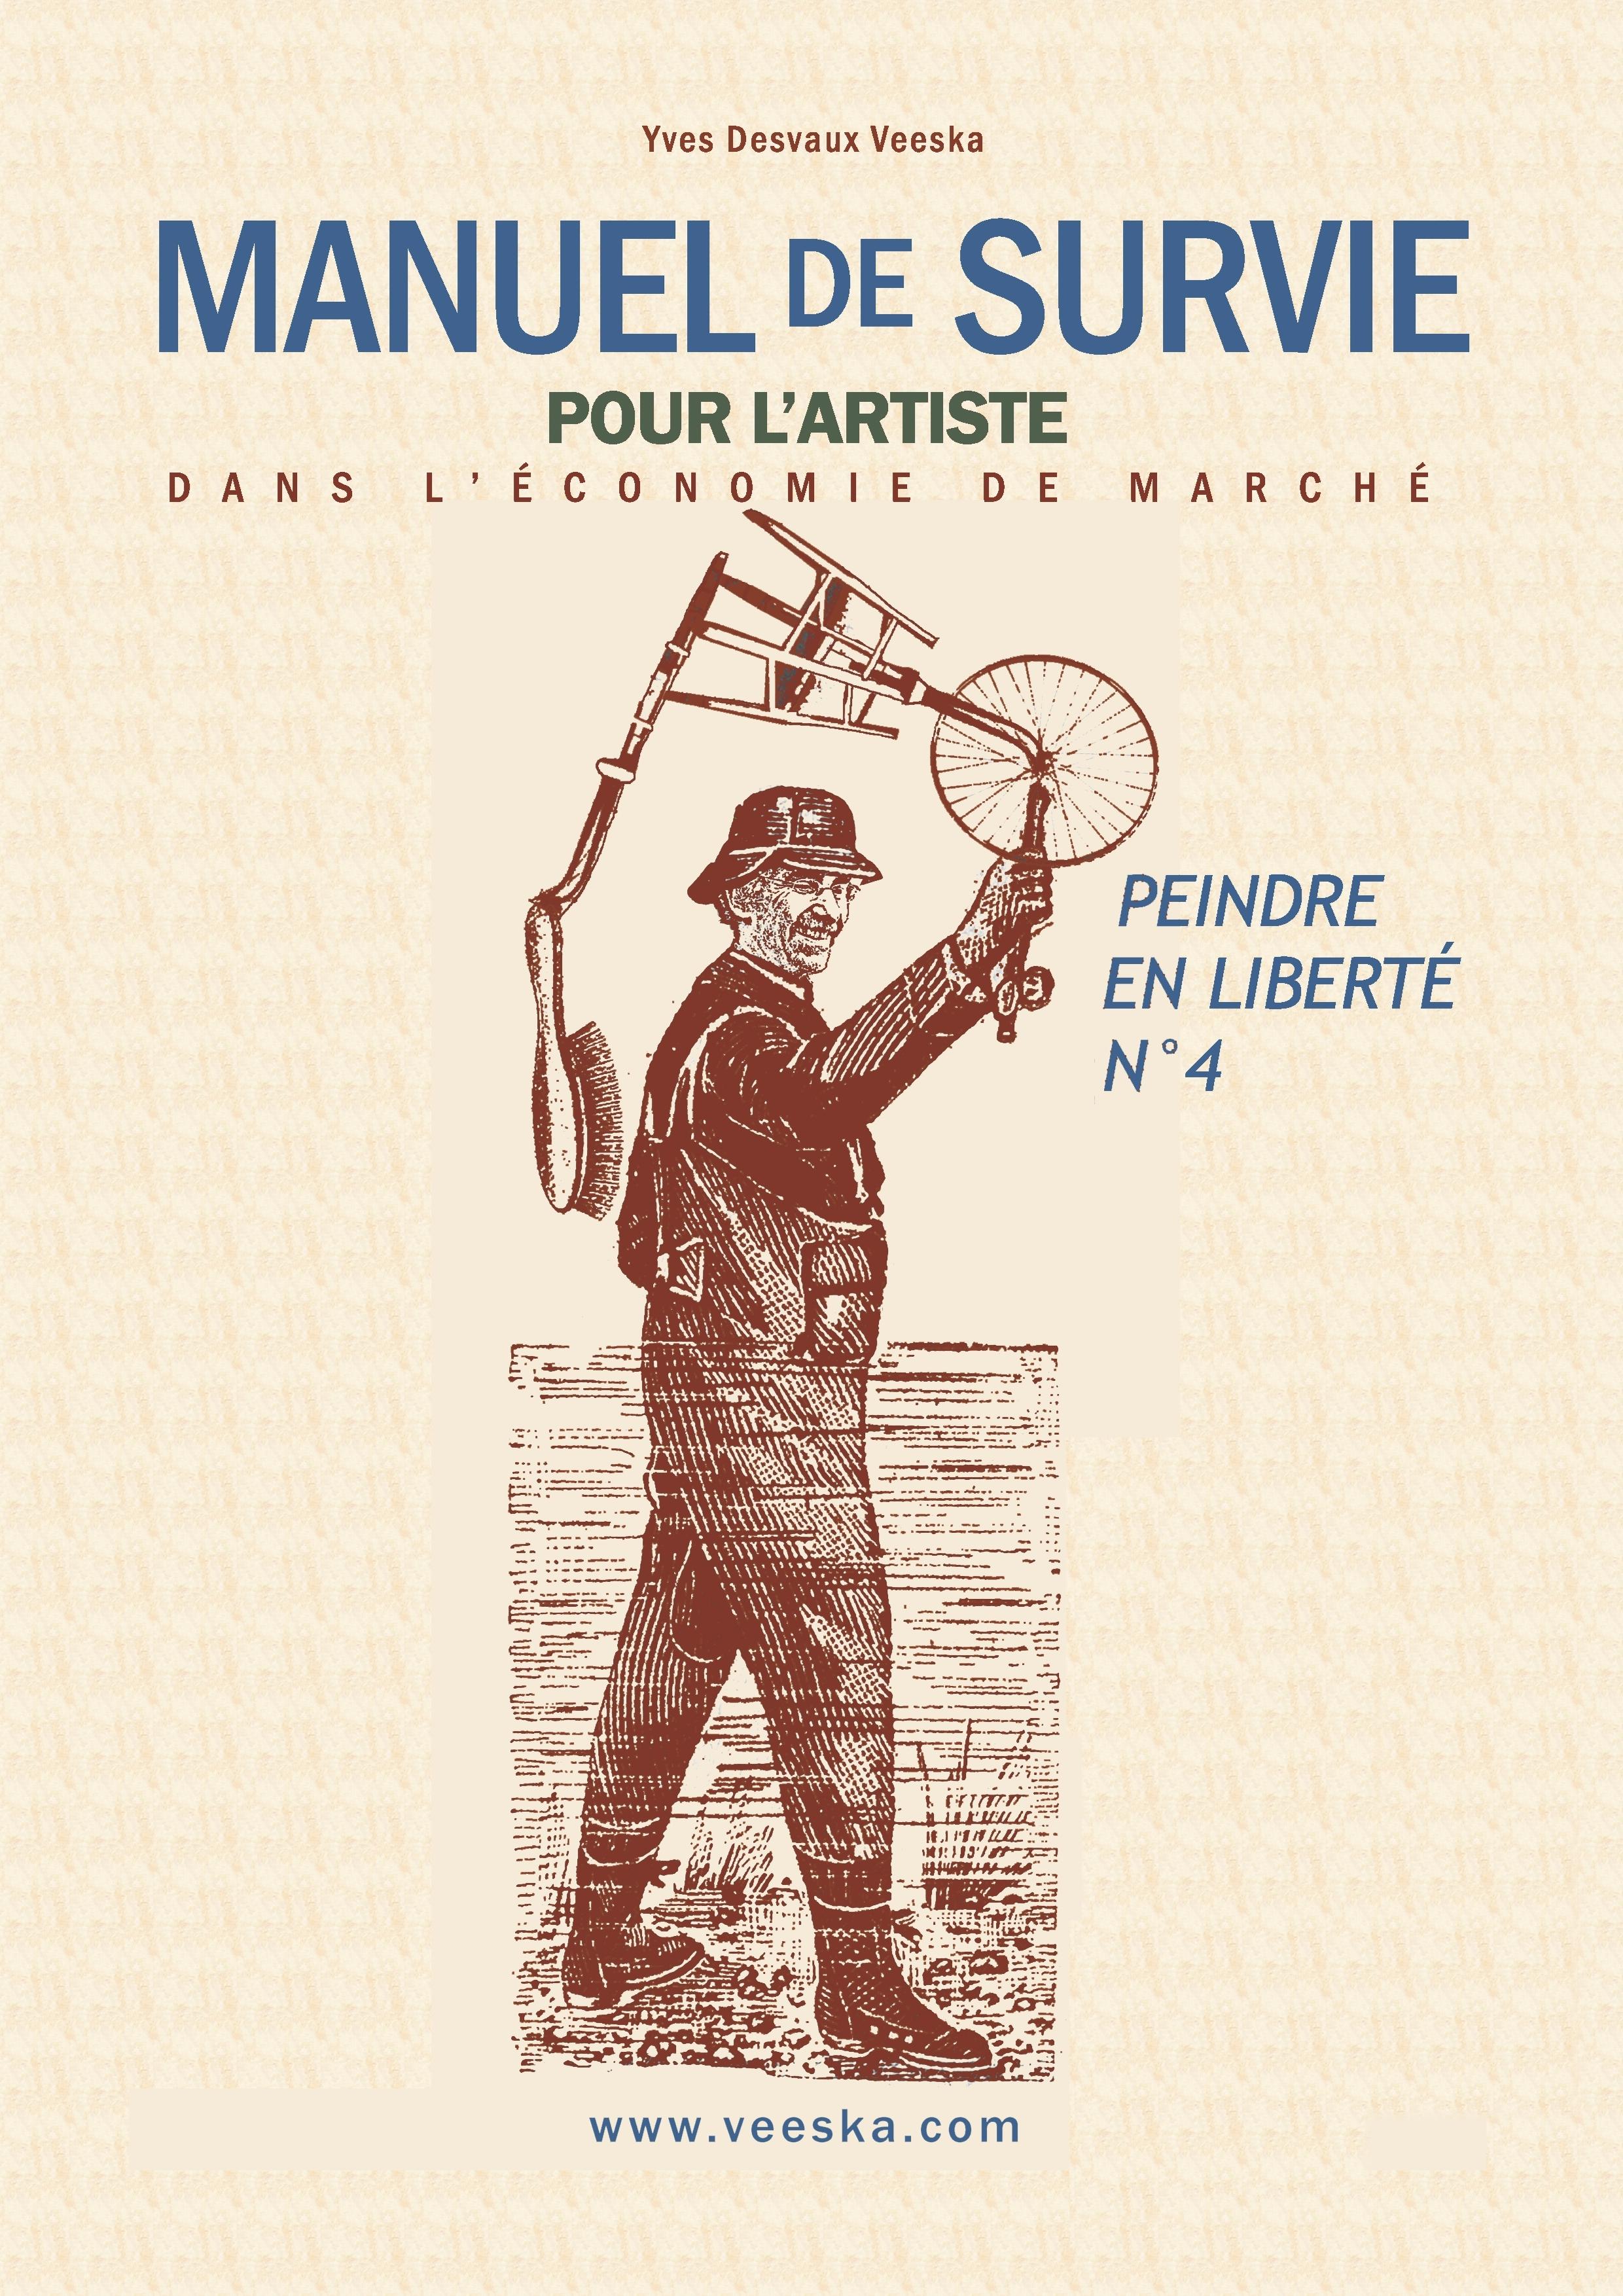 PEINDRE EN LIBERTE - T04 - MANUEL DE SURVIE POUR L'ARTISTE - DANS L'ECONOMIE DE MARCHE